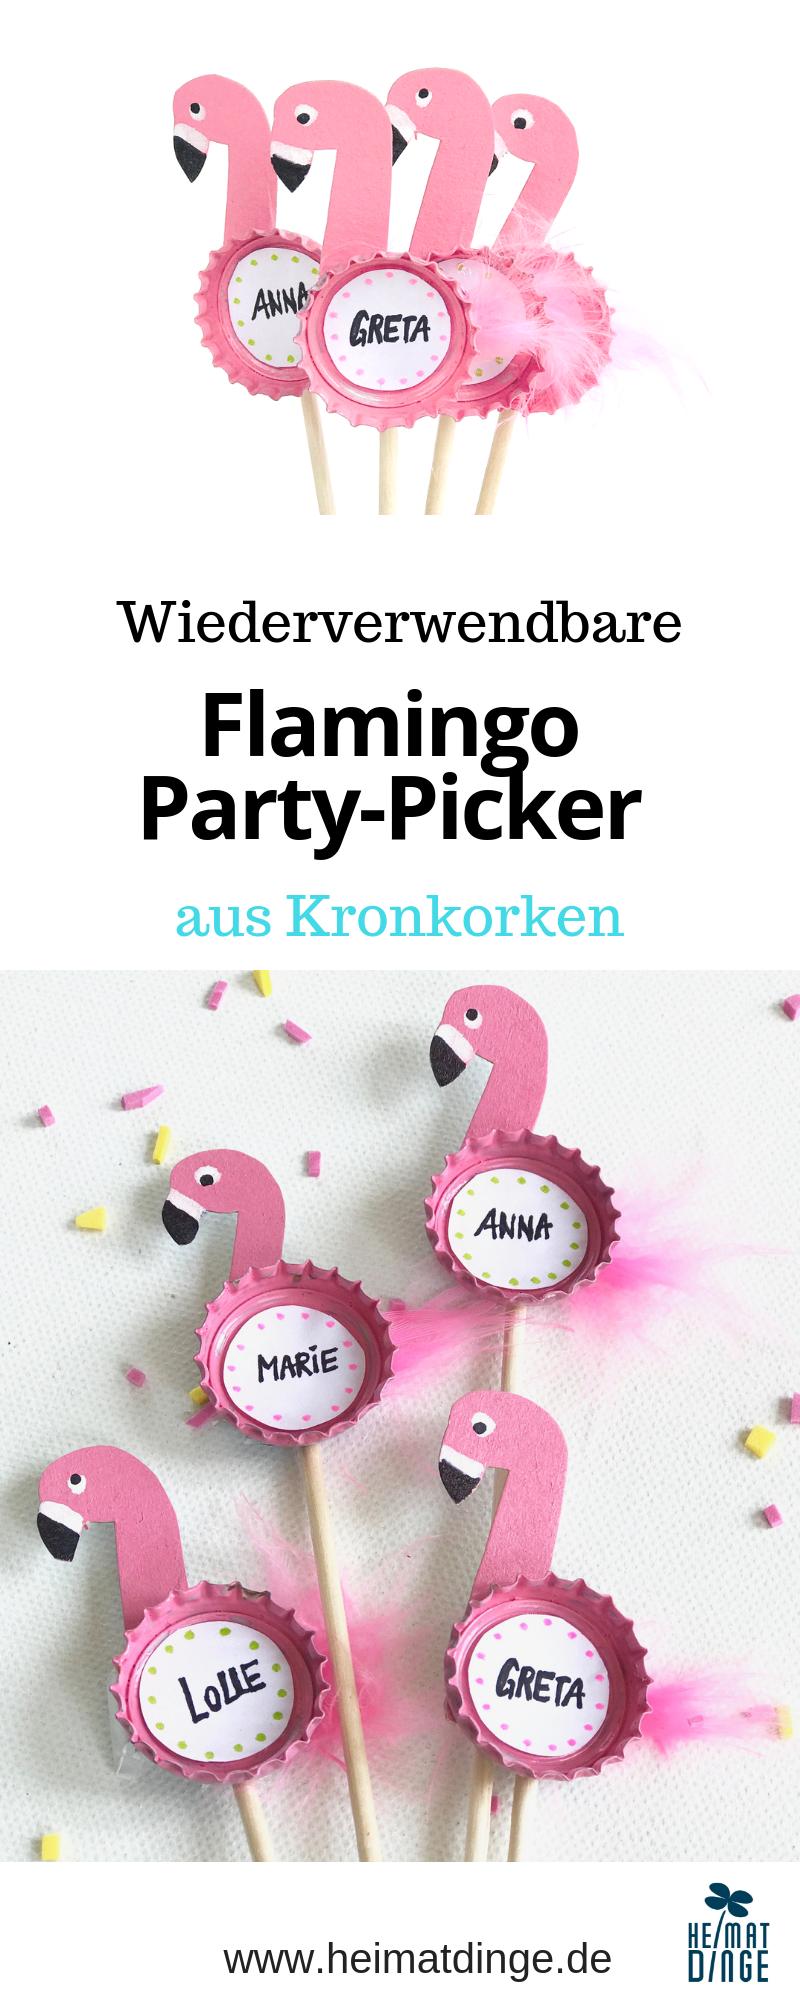 Photo of Machen Sie selbst nachhaltige Partydekorationen: wiederverwendbare Flamingo-Party-Picker aus Flaschenverschlüssen –